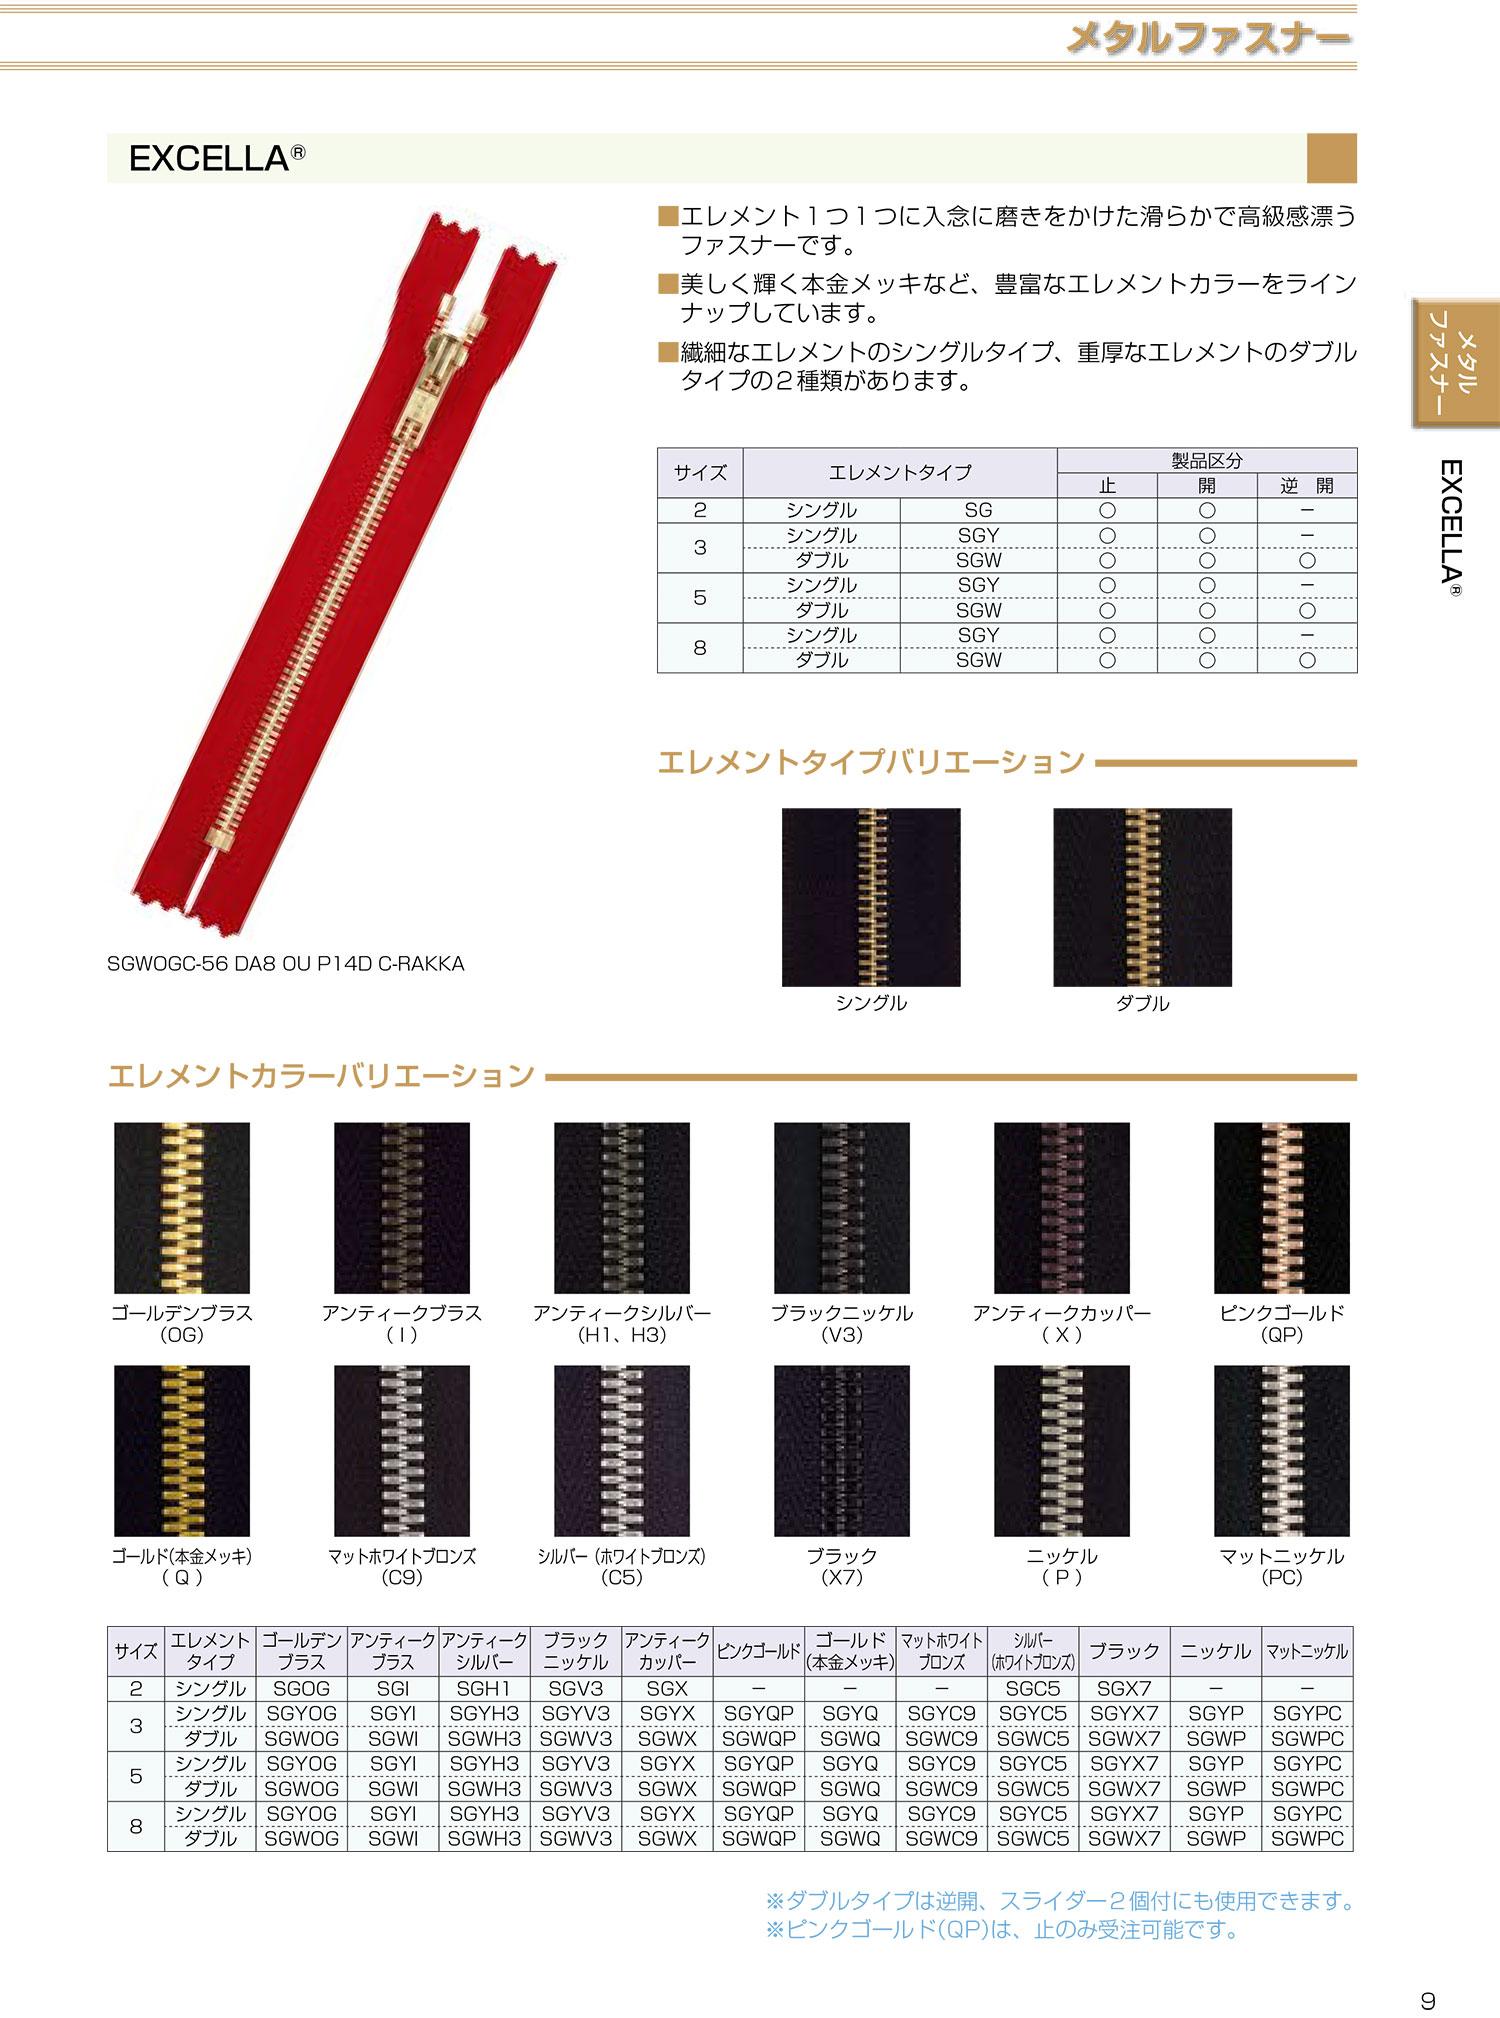 3SGWPC エクセラ 3サイズ ニッケル 止め ダブル[ファスナー] YKK/オークラ商事 - ApparelX アパレル資材卸通販